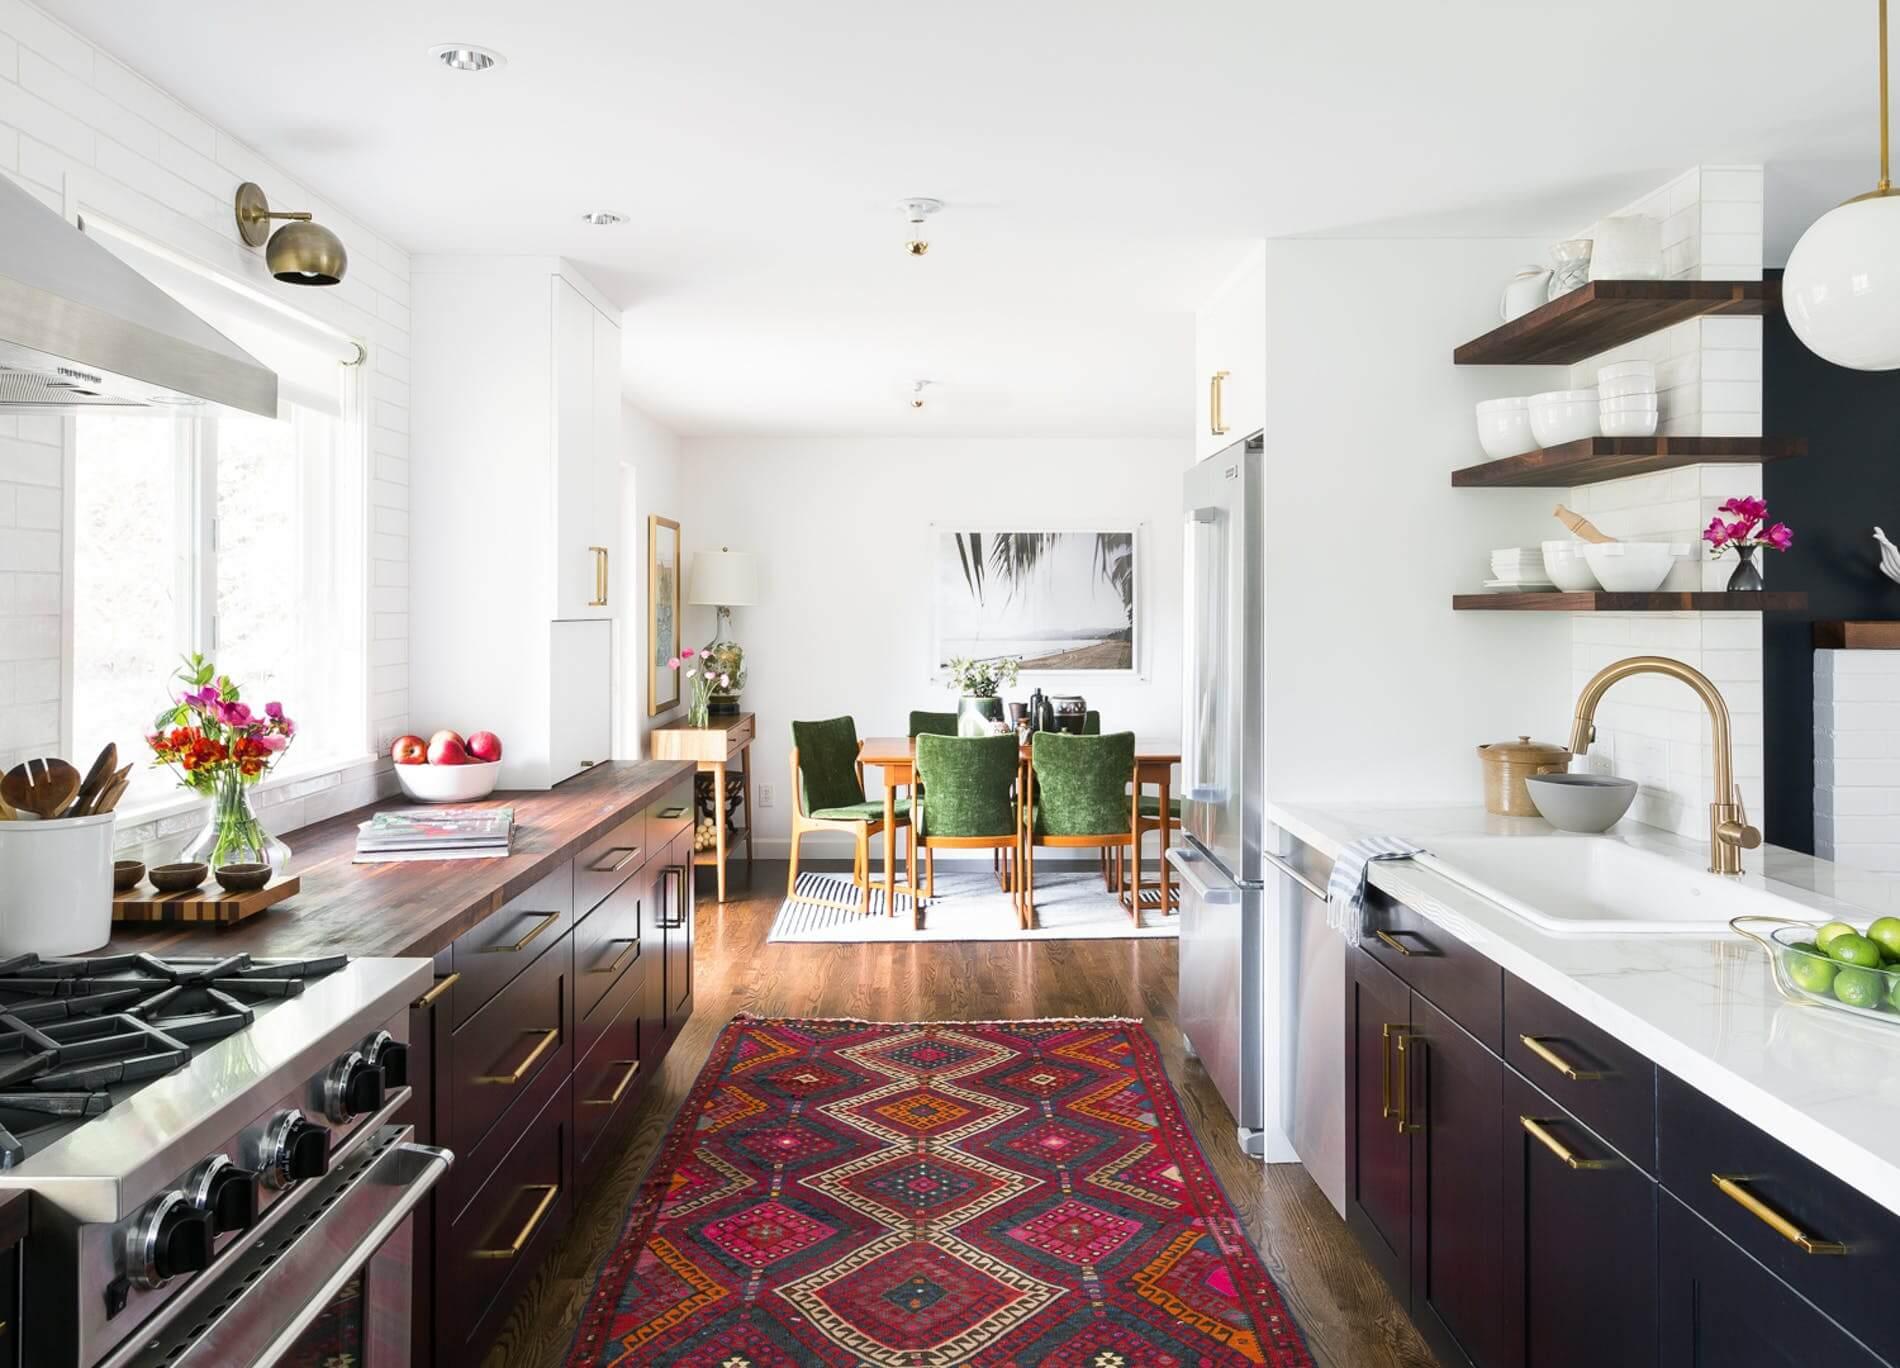 Ковер в интерьере кухни - фото